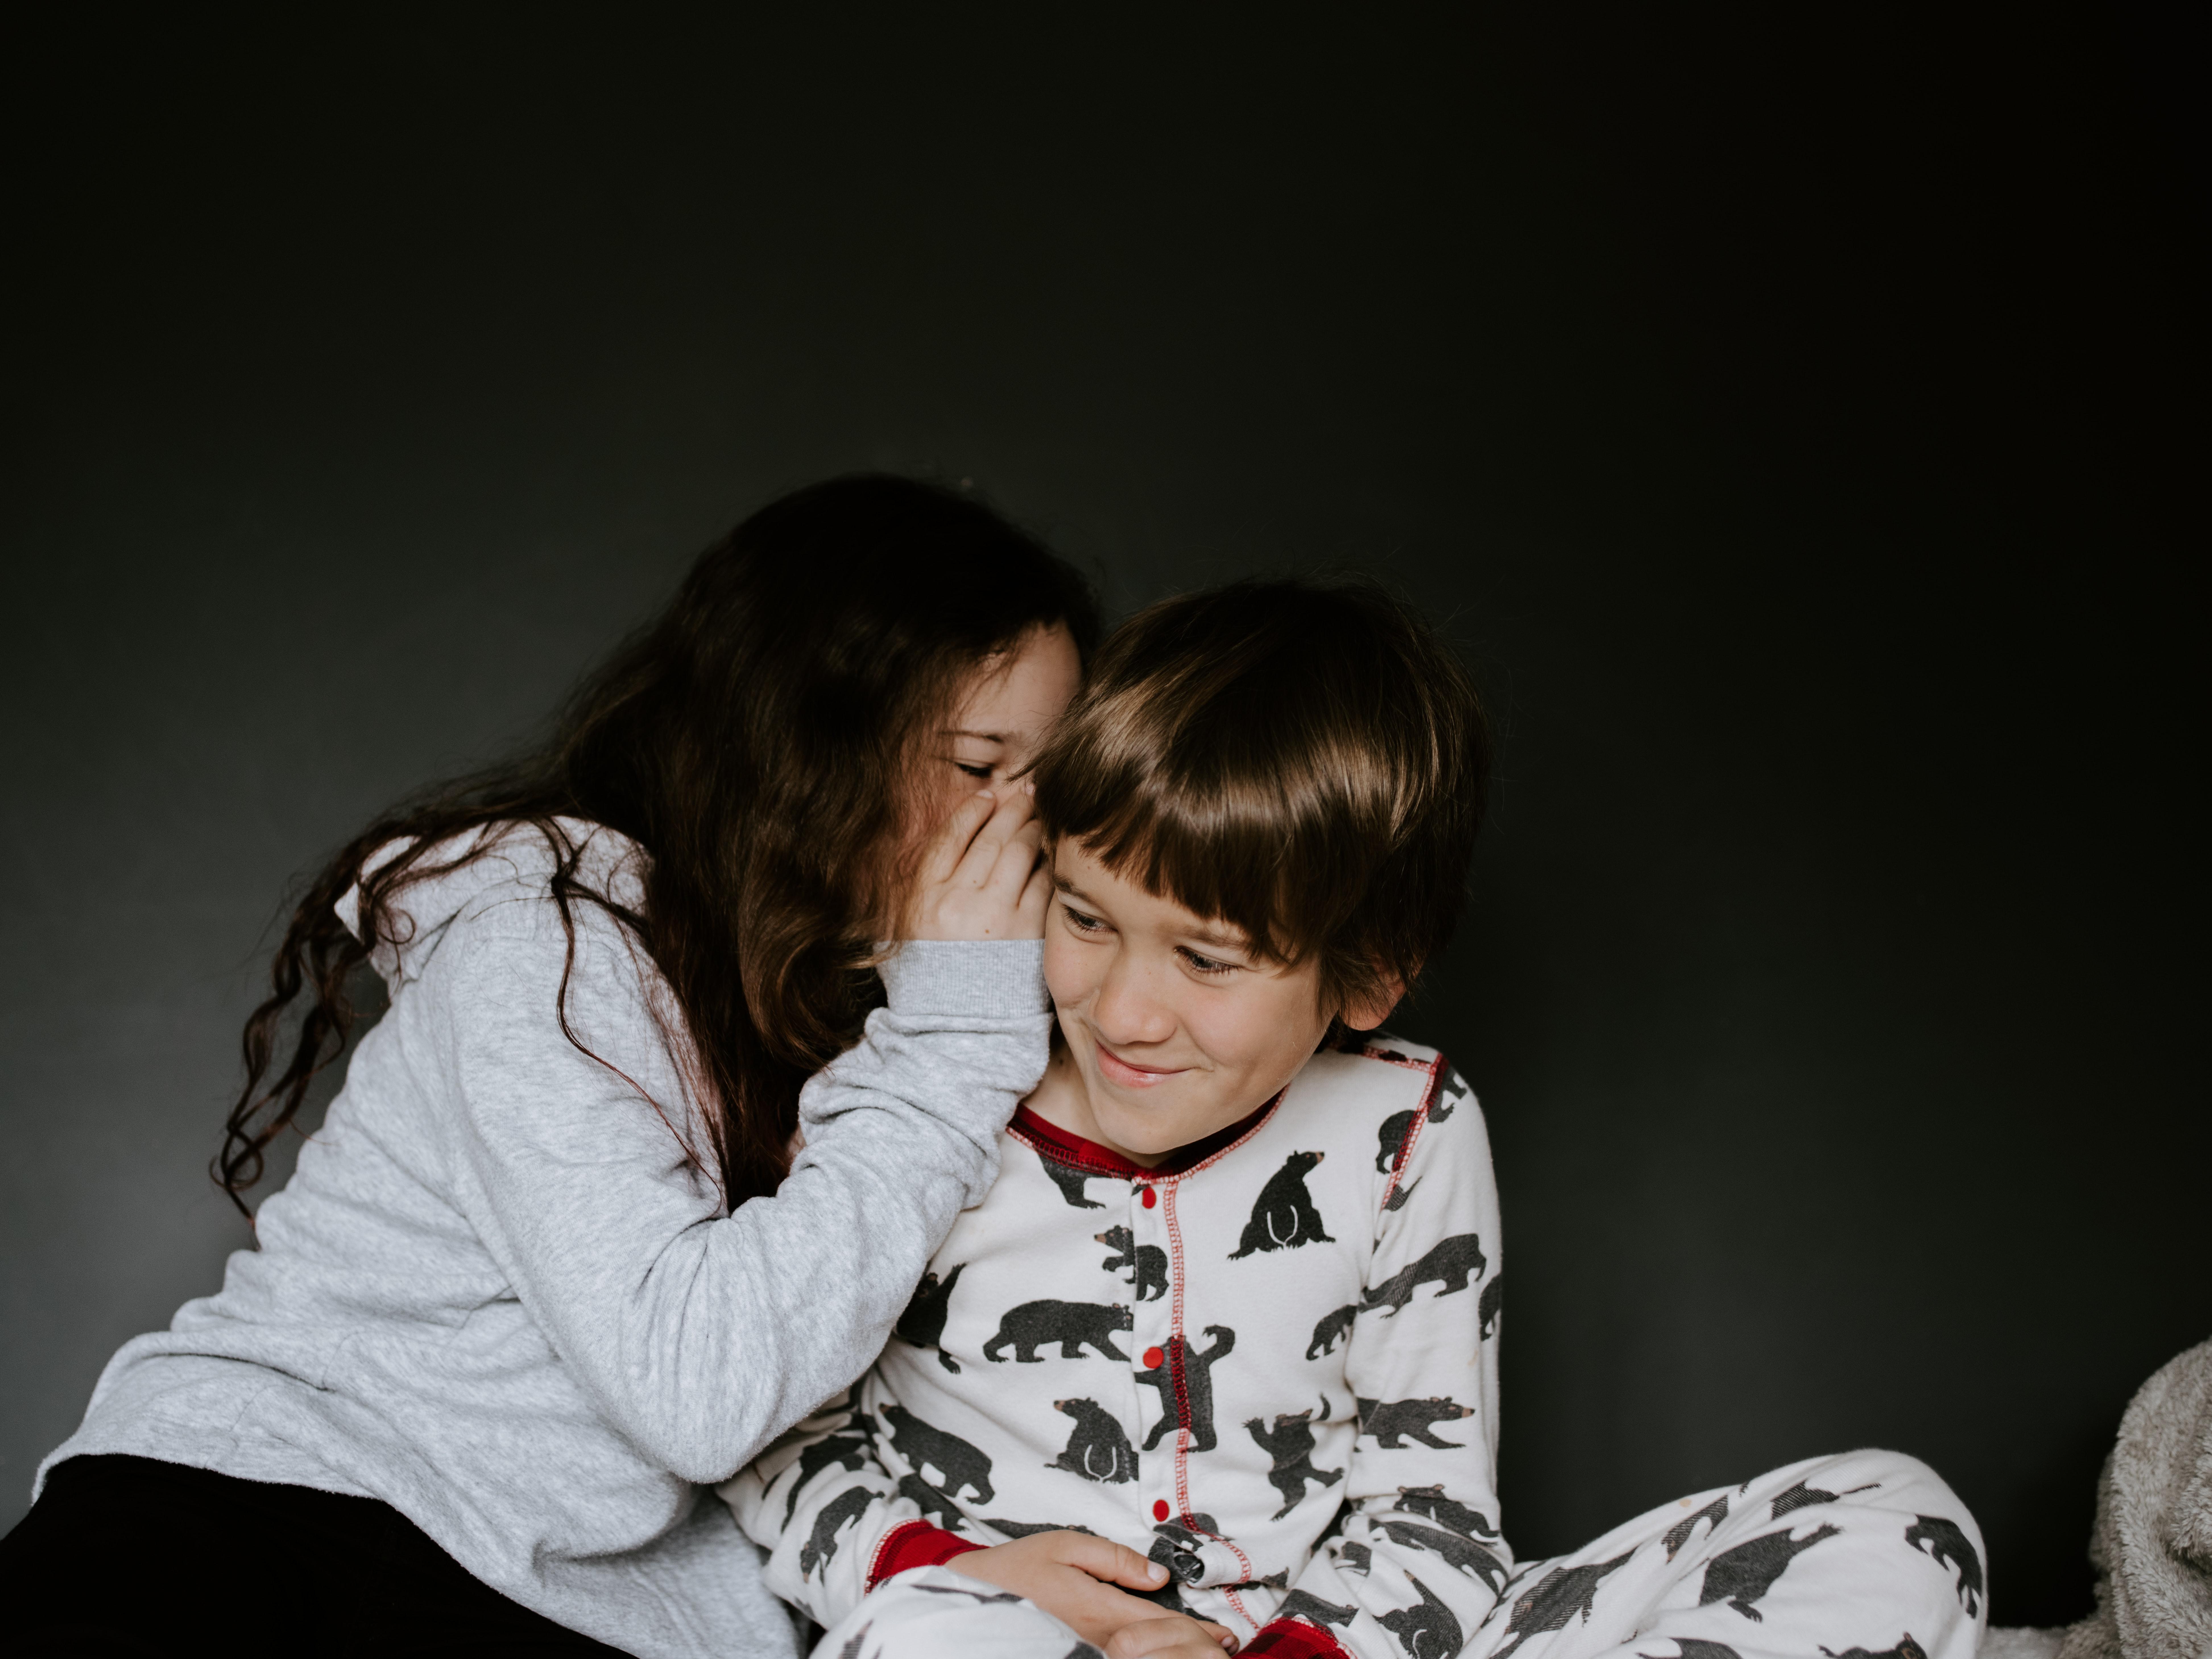 Vechten met broers en zussen maakt je later op het leven een beter persoon, volgens studie